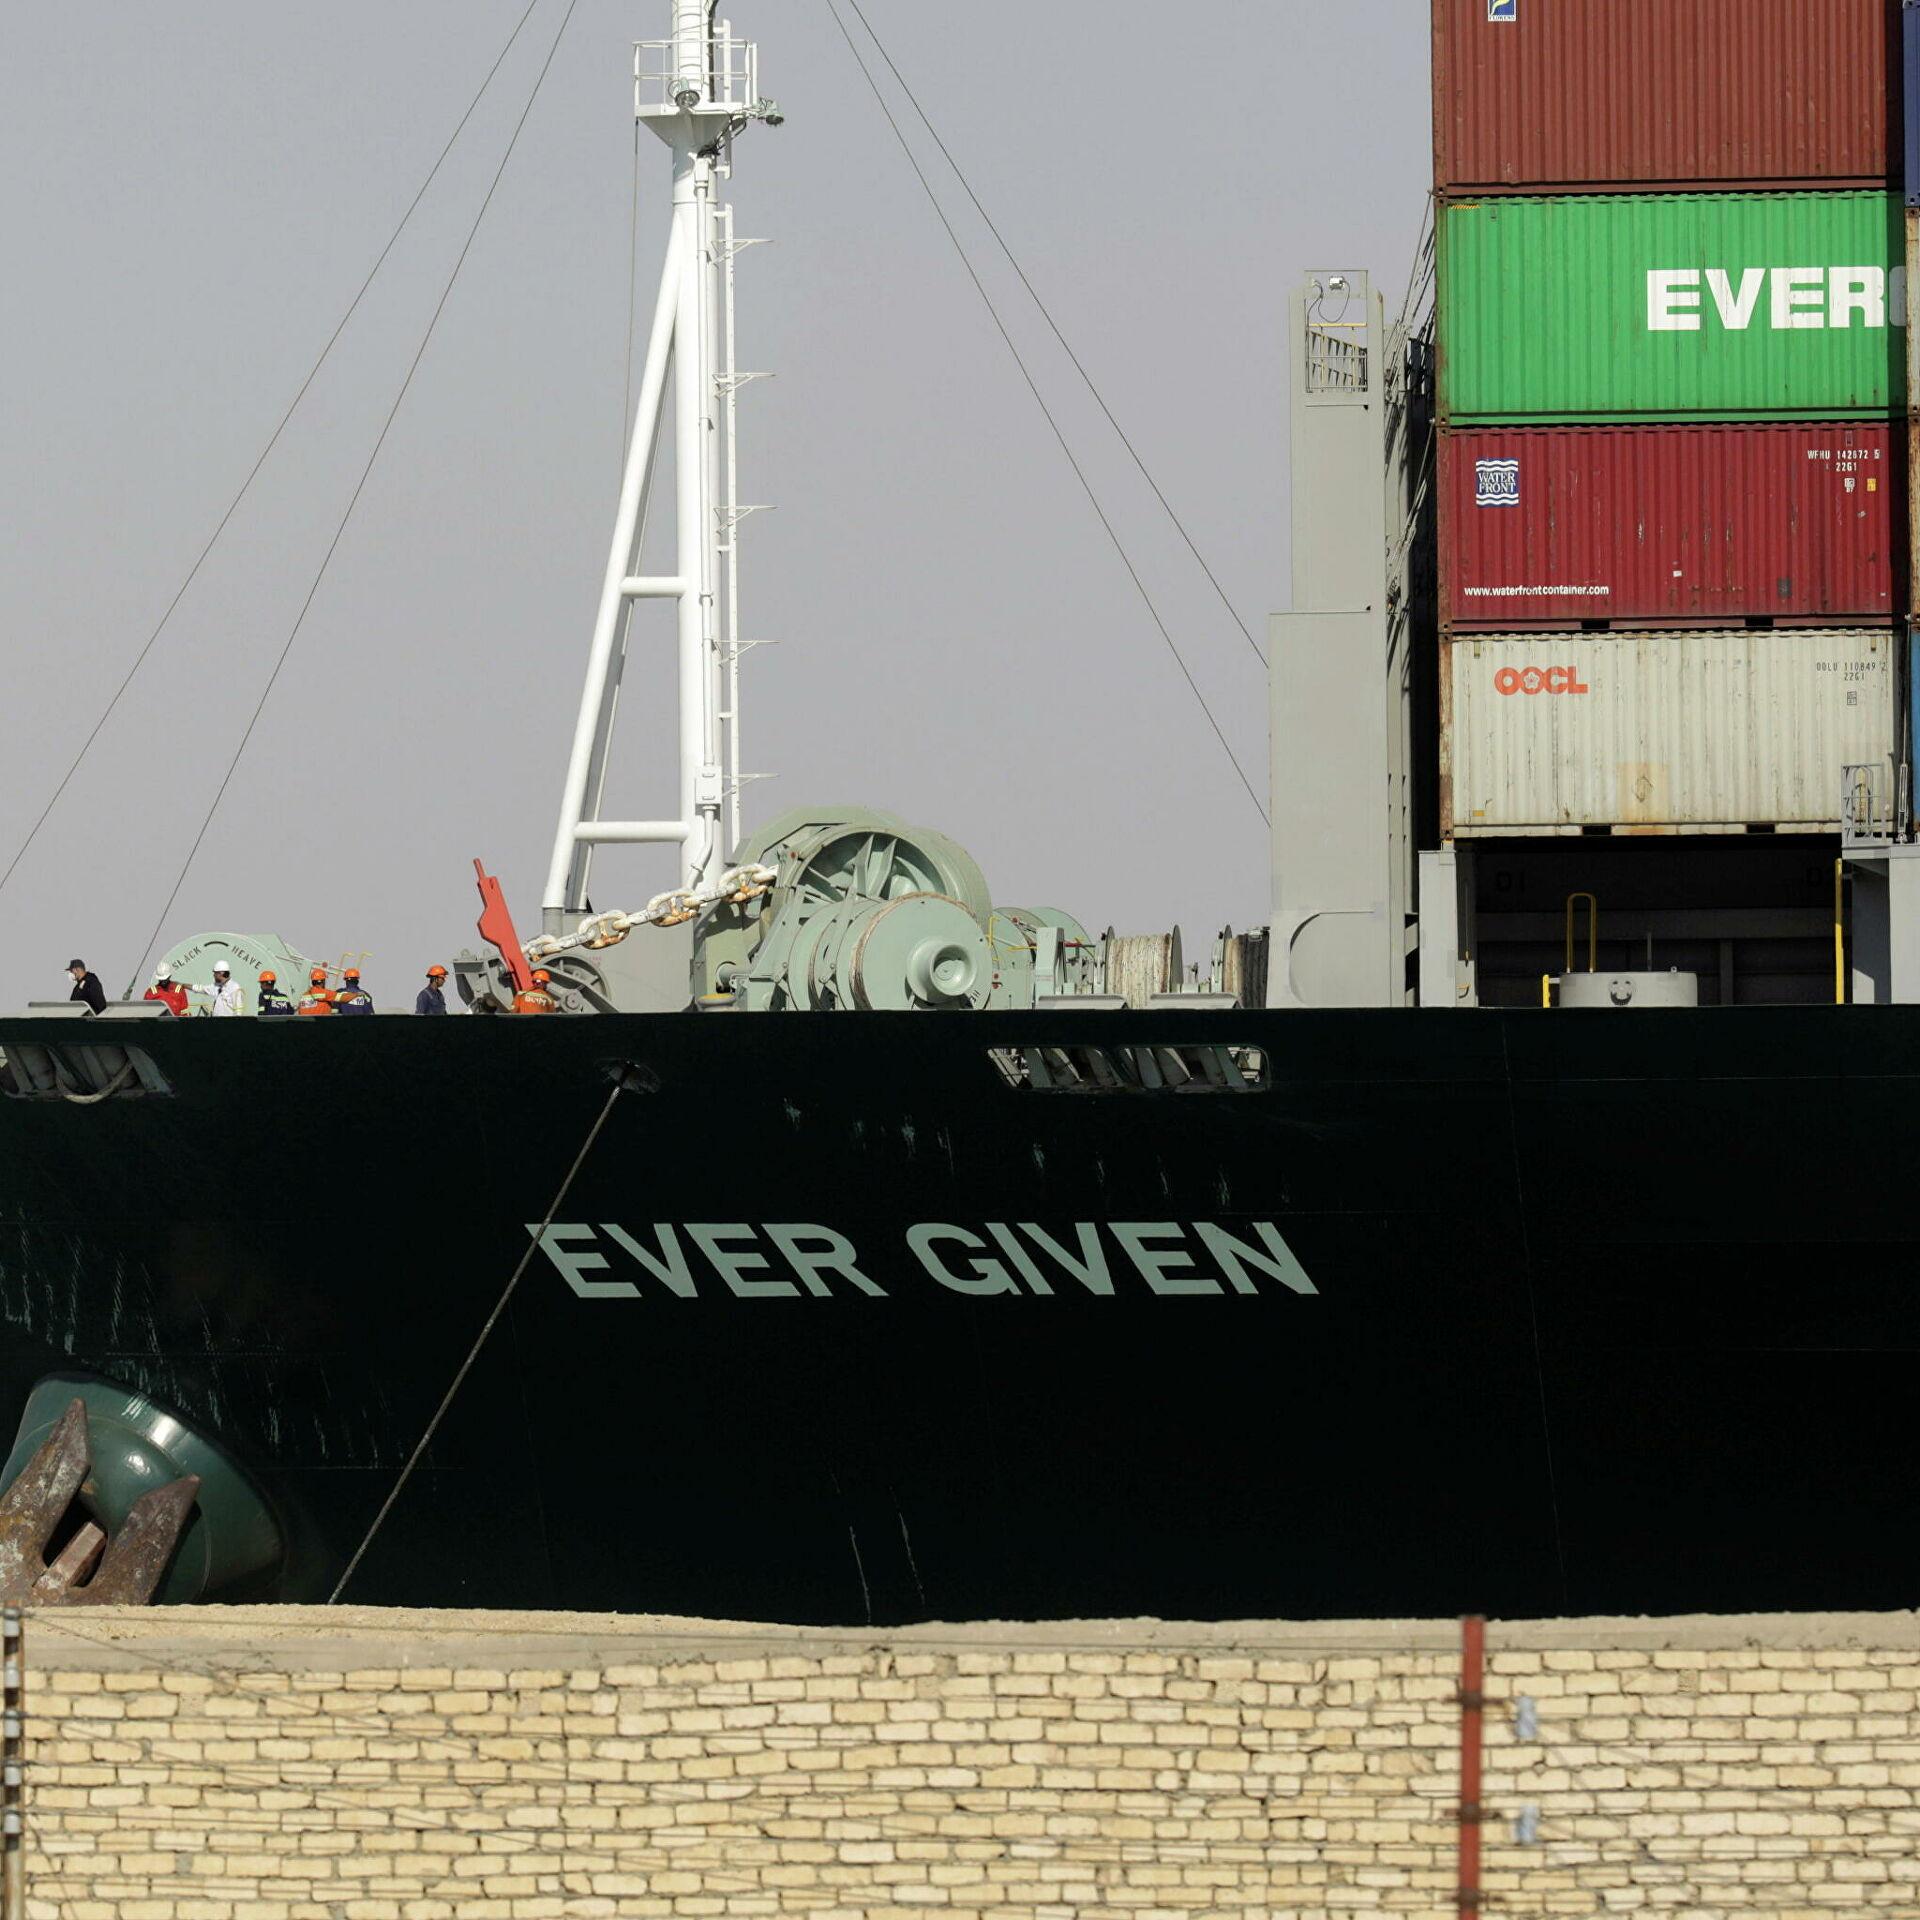 ¿Hay fuerza mayor en el incidente del Ever Given en el Canal de Suez?